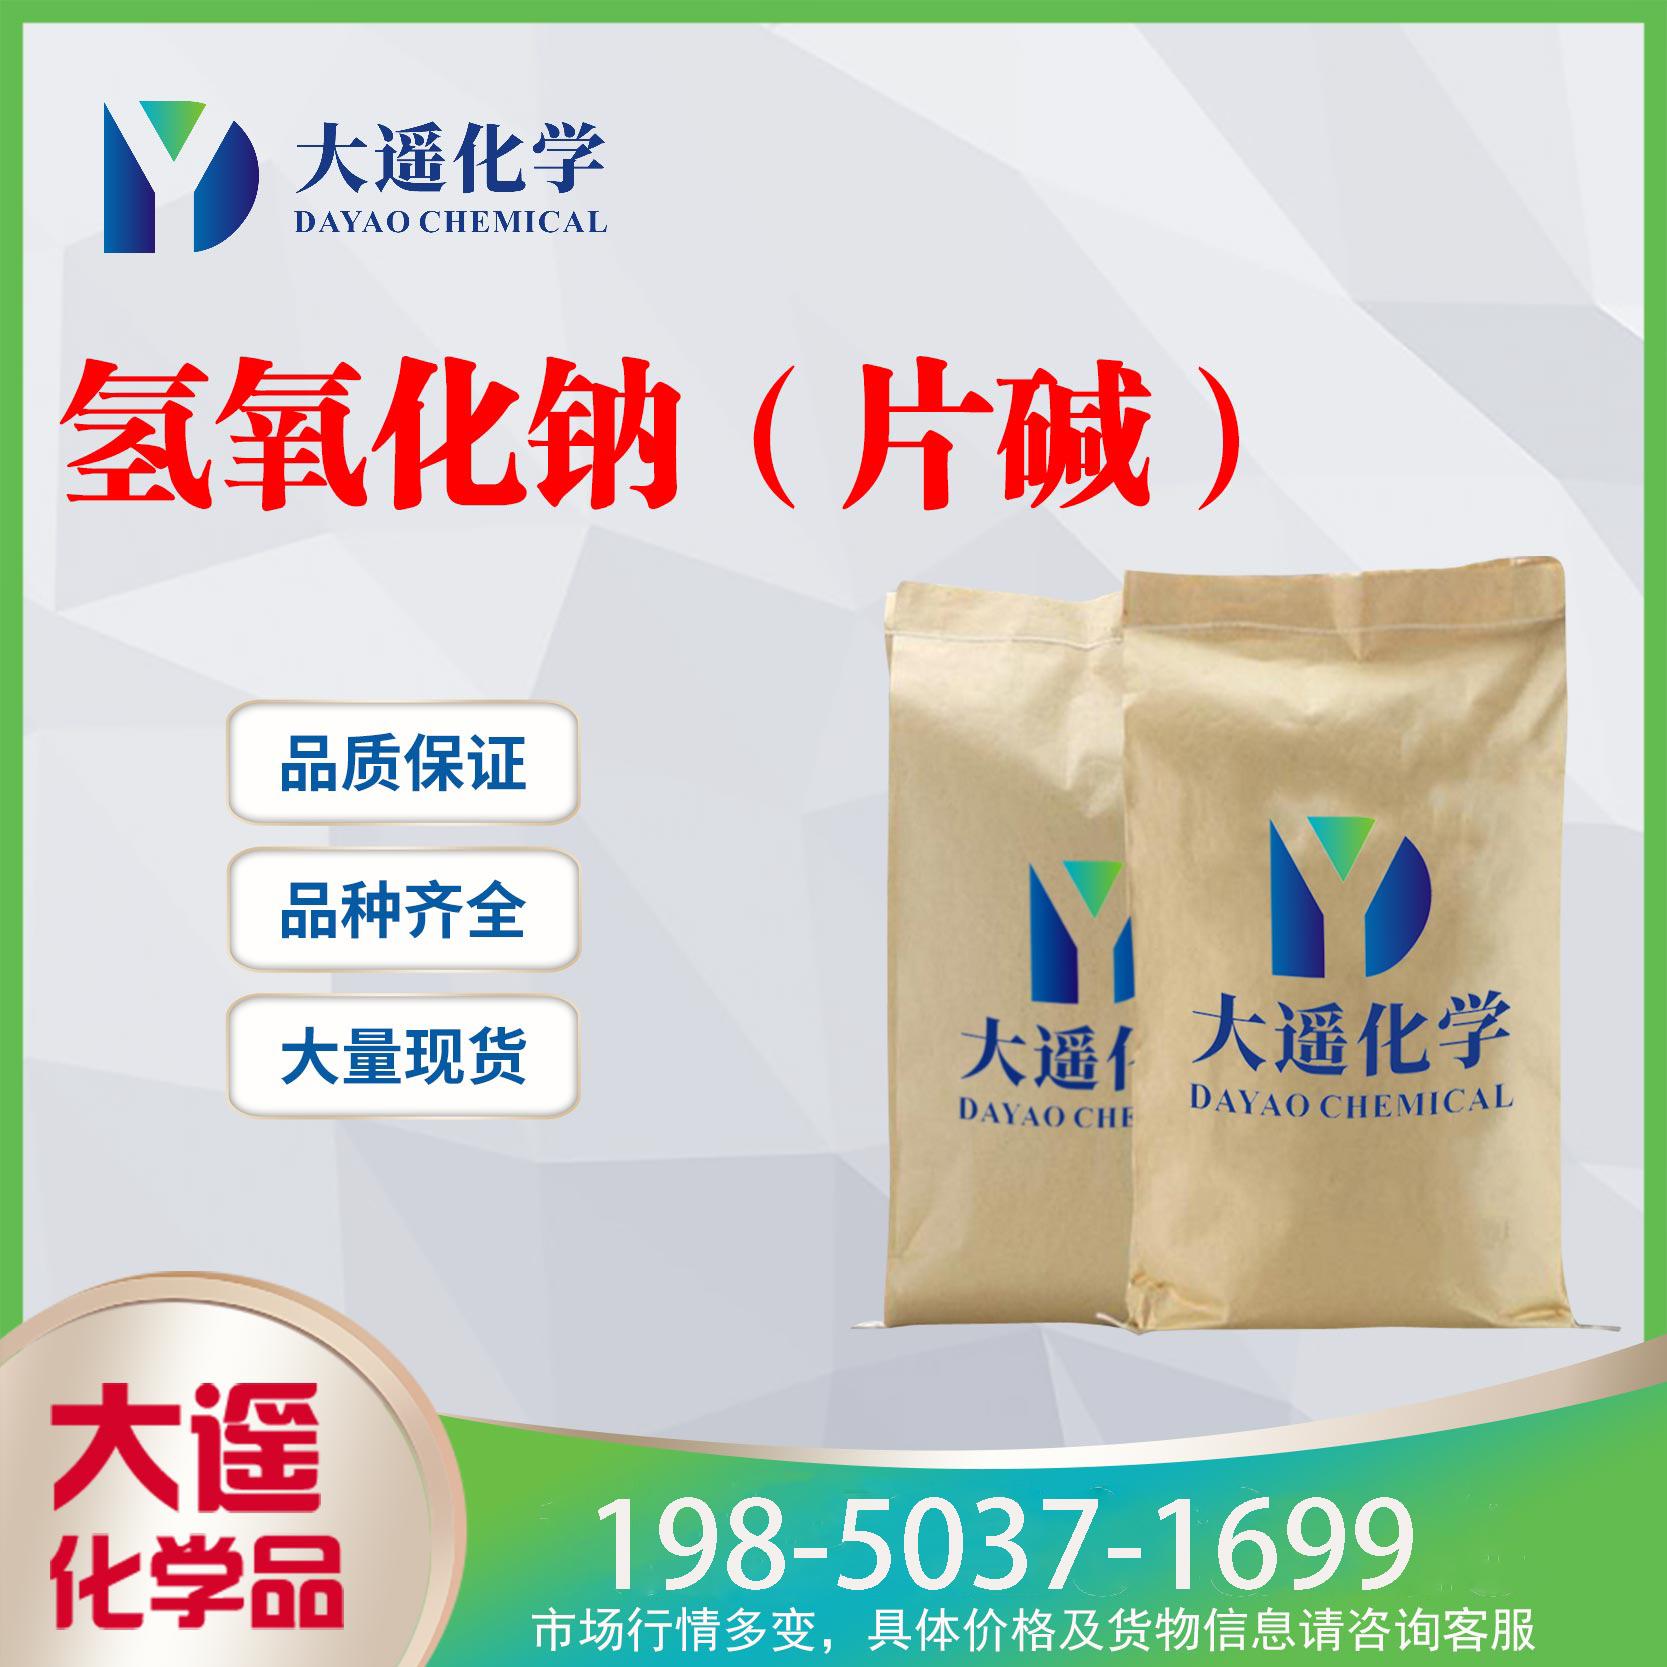 现货供应 氢氧化钠 苛性钠 片碱 珠碱 粒碱 国产各品牌 1310-73-2